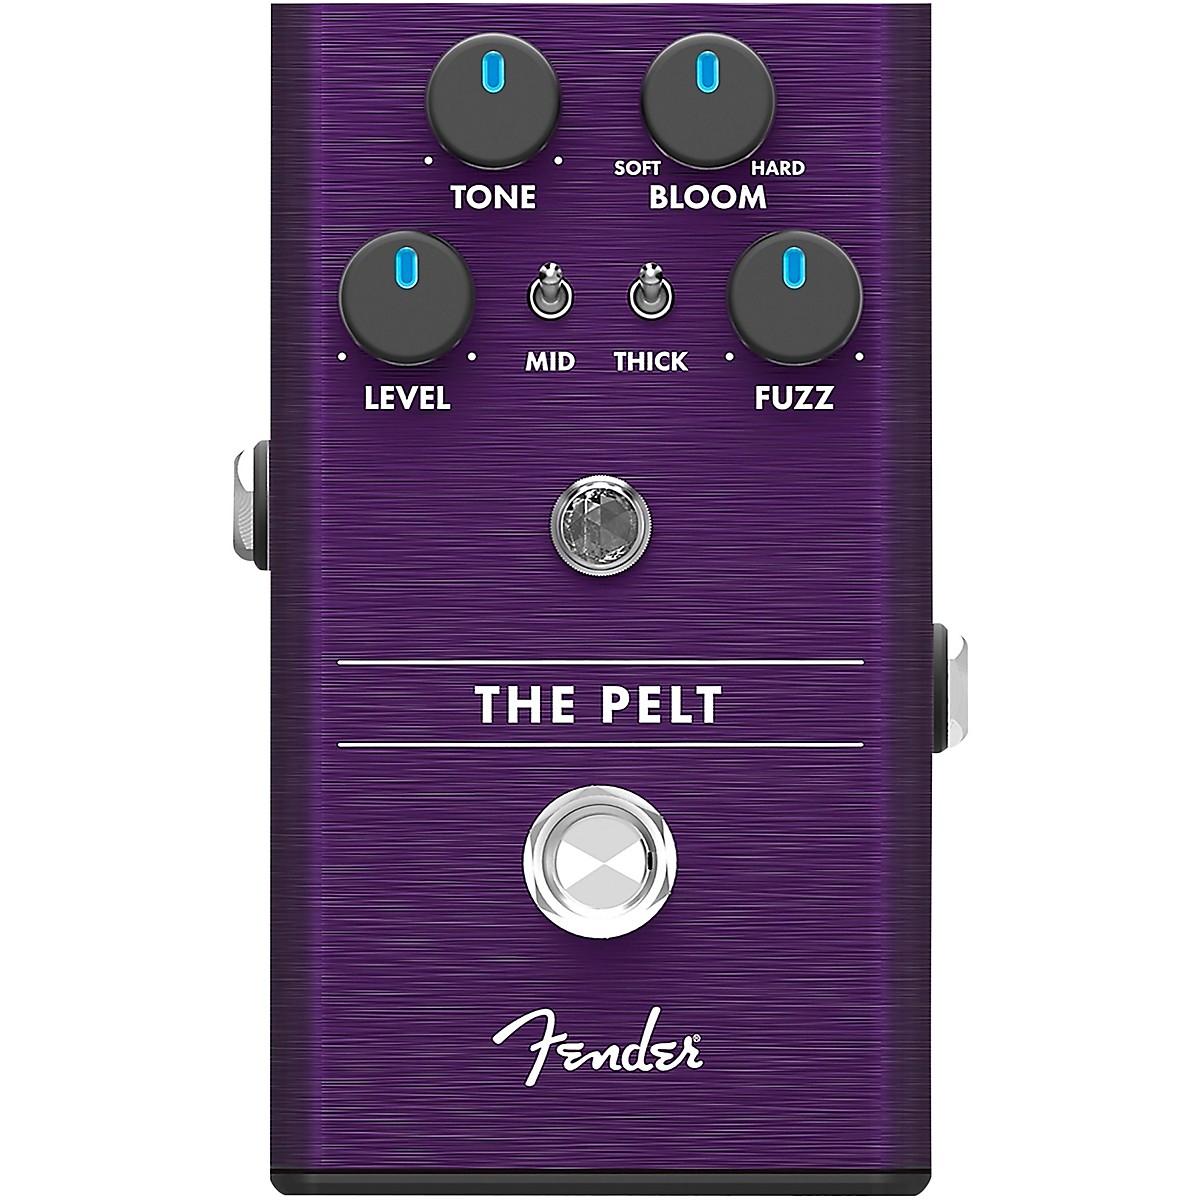 Fender The Pelt Fuzz Guitar Effects Pedal